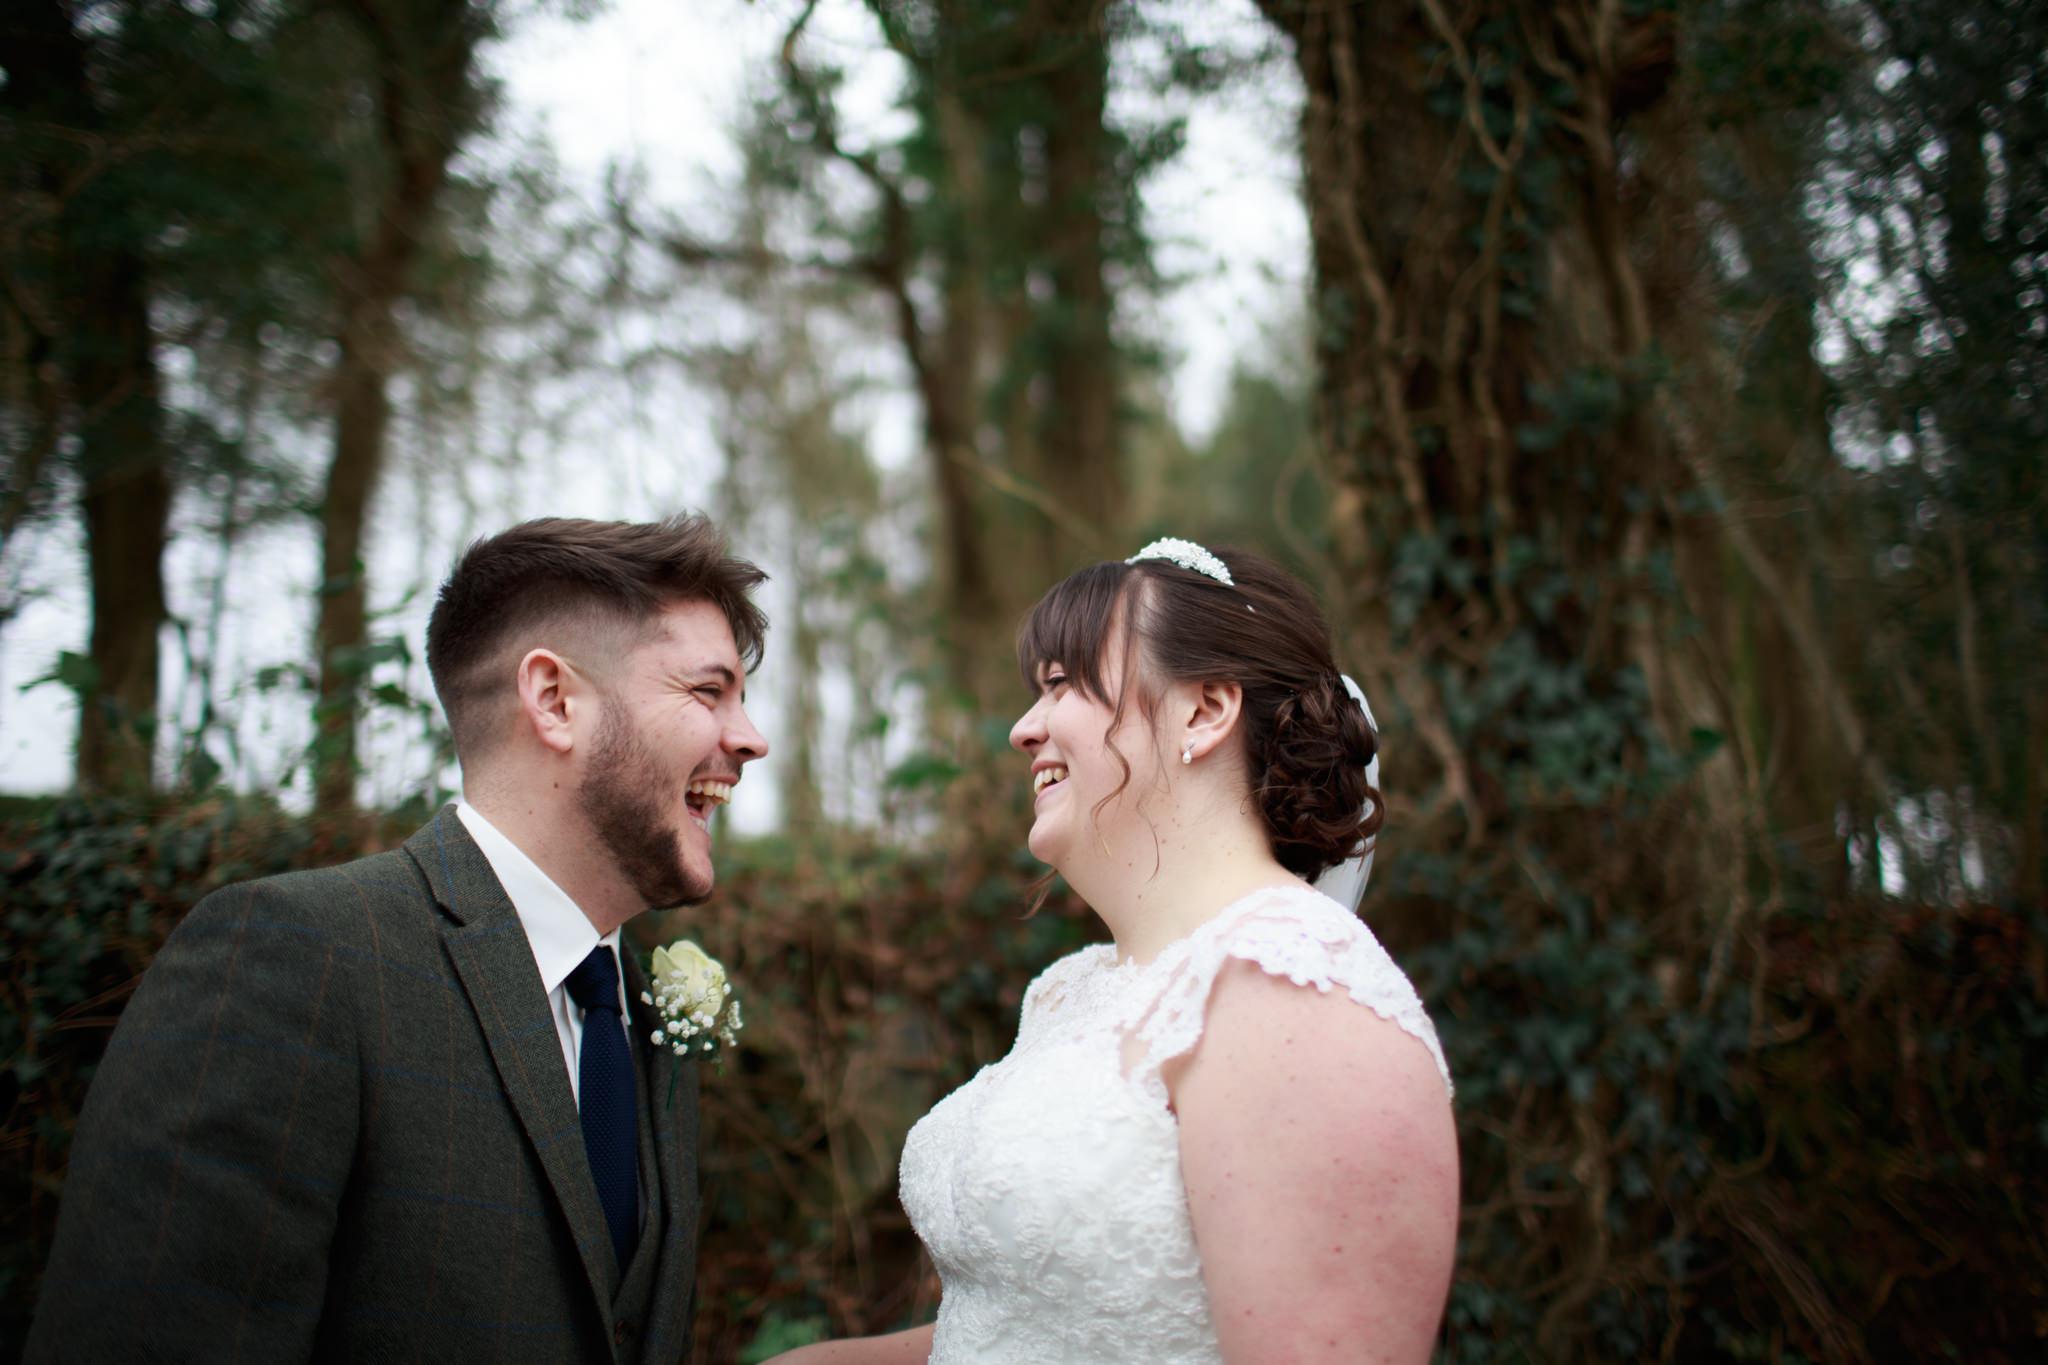 North Devon Wedding Photographer 015.jpg